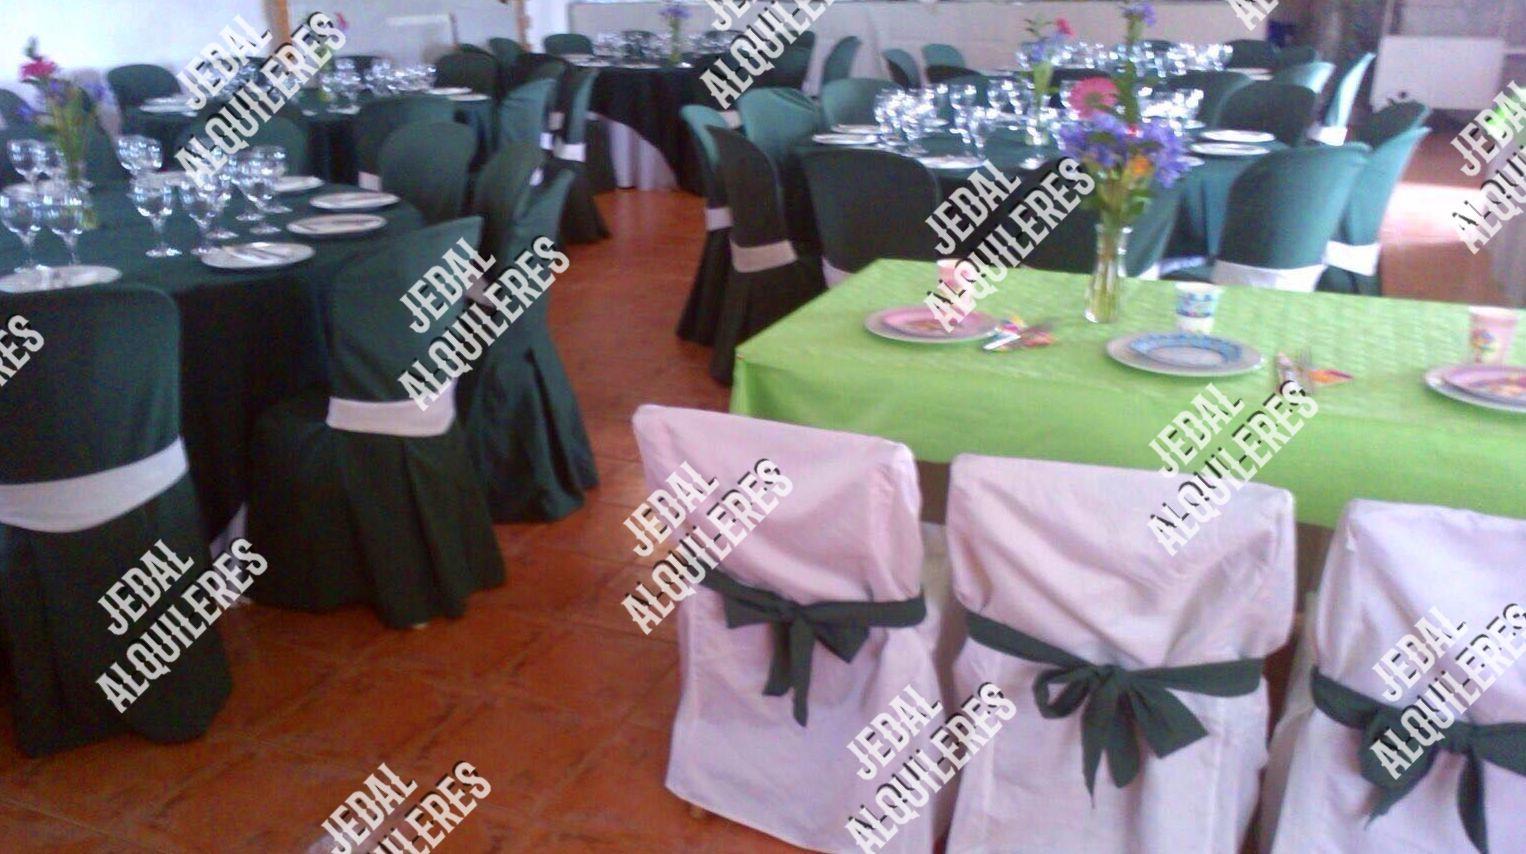 Alquiler de sillas y mesas para eventos en Jerez de la Frontera